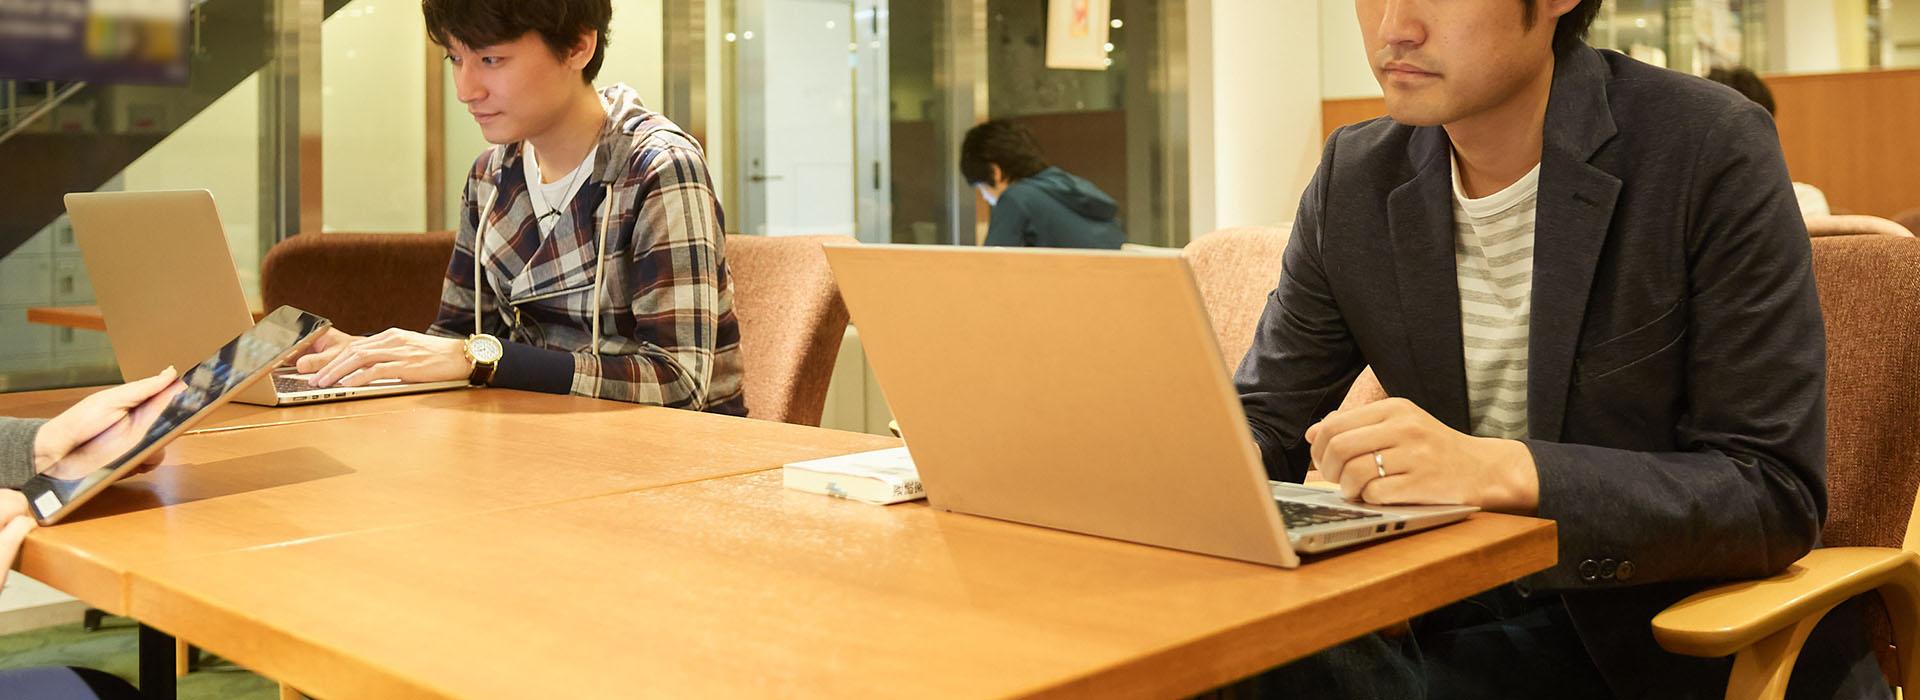 男性がパソコンを触っている